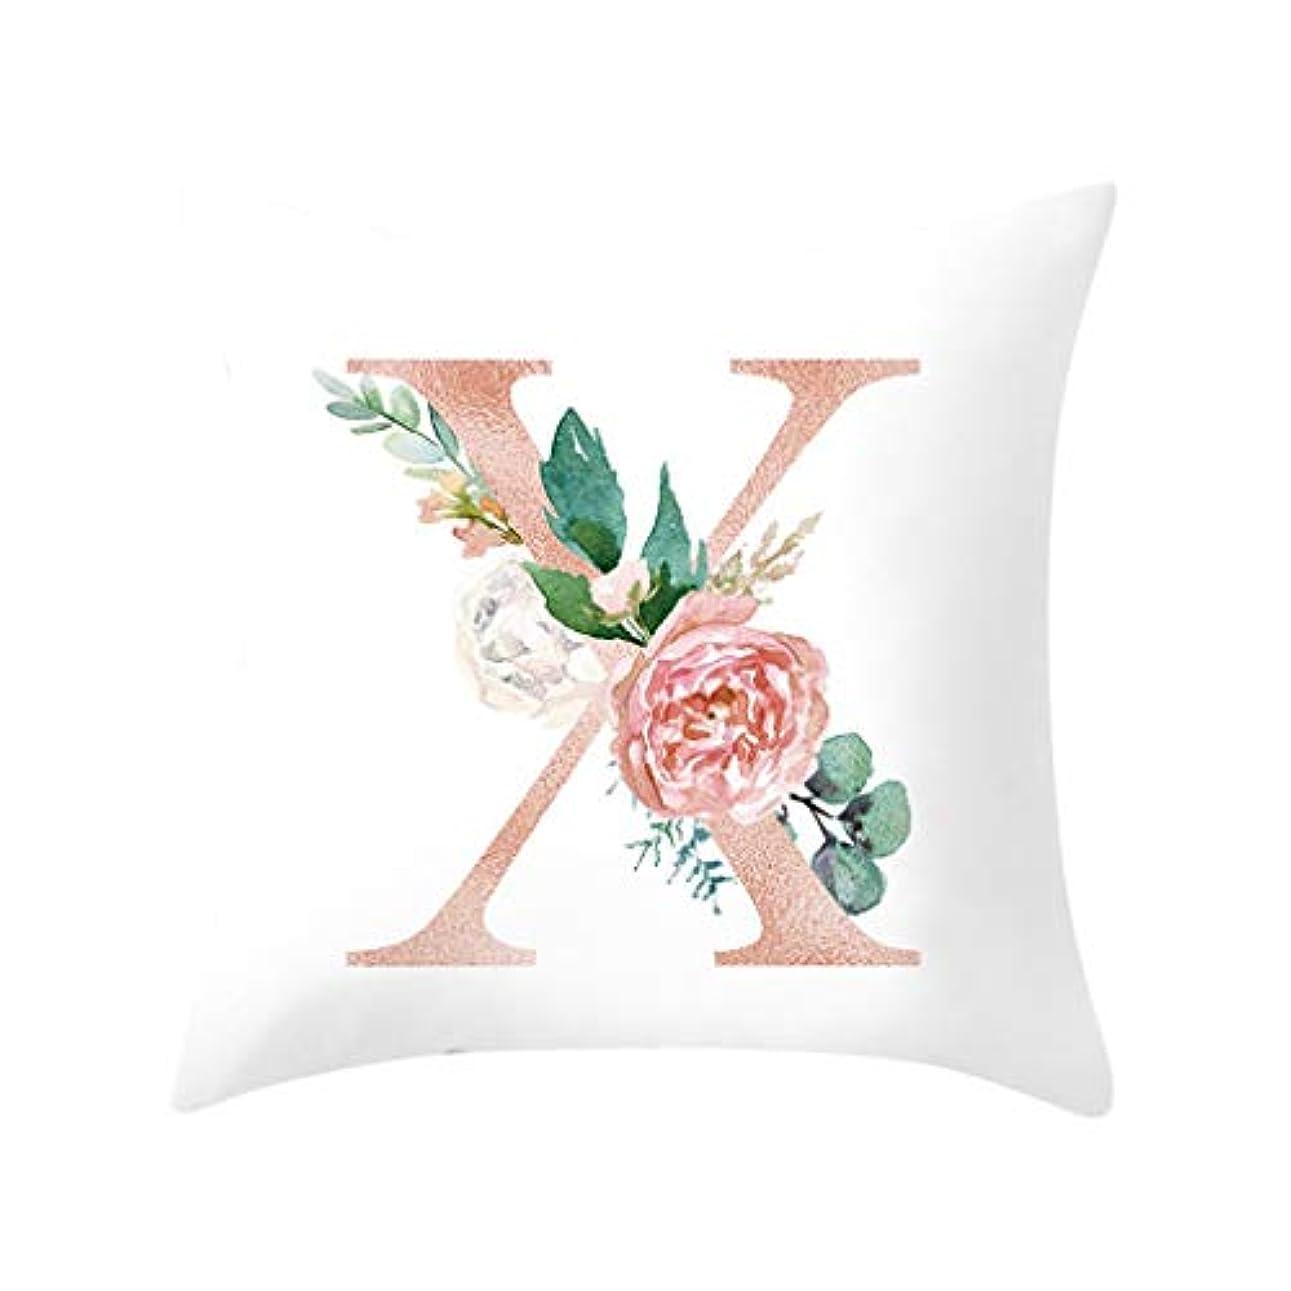 LIFE 装飾クッションソファ手紙枕アルファベットクッション印刷ソファ家の装飾の花枕 coussin decoratif クッション 椅子